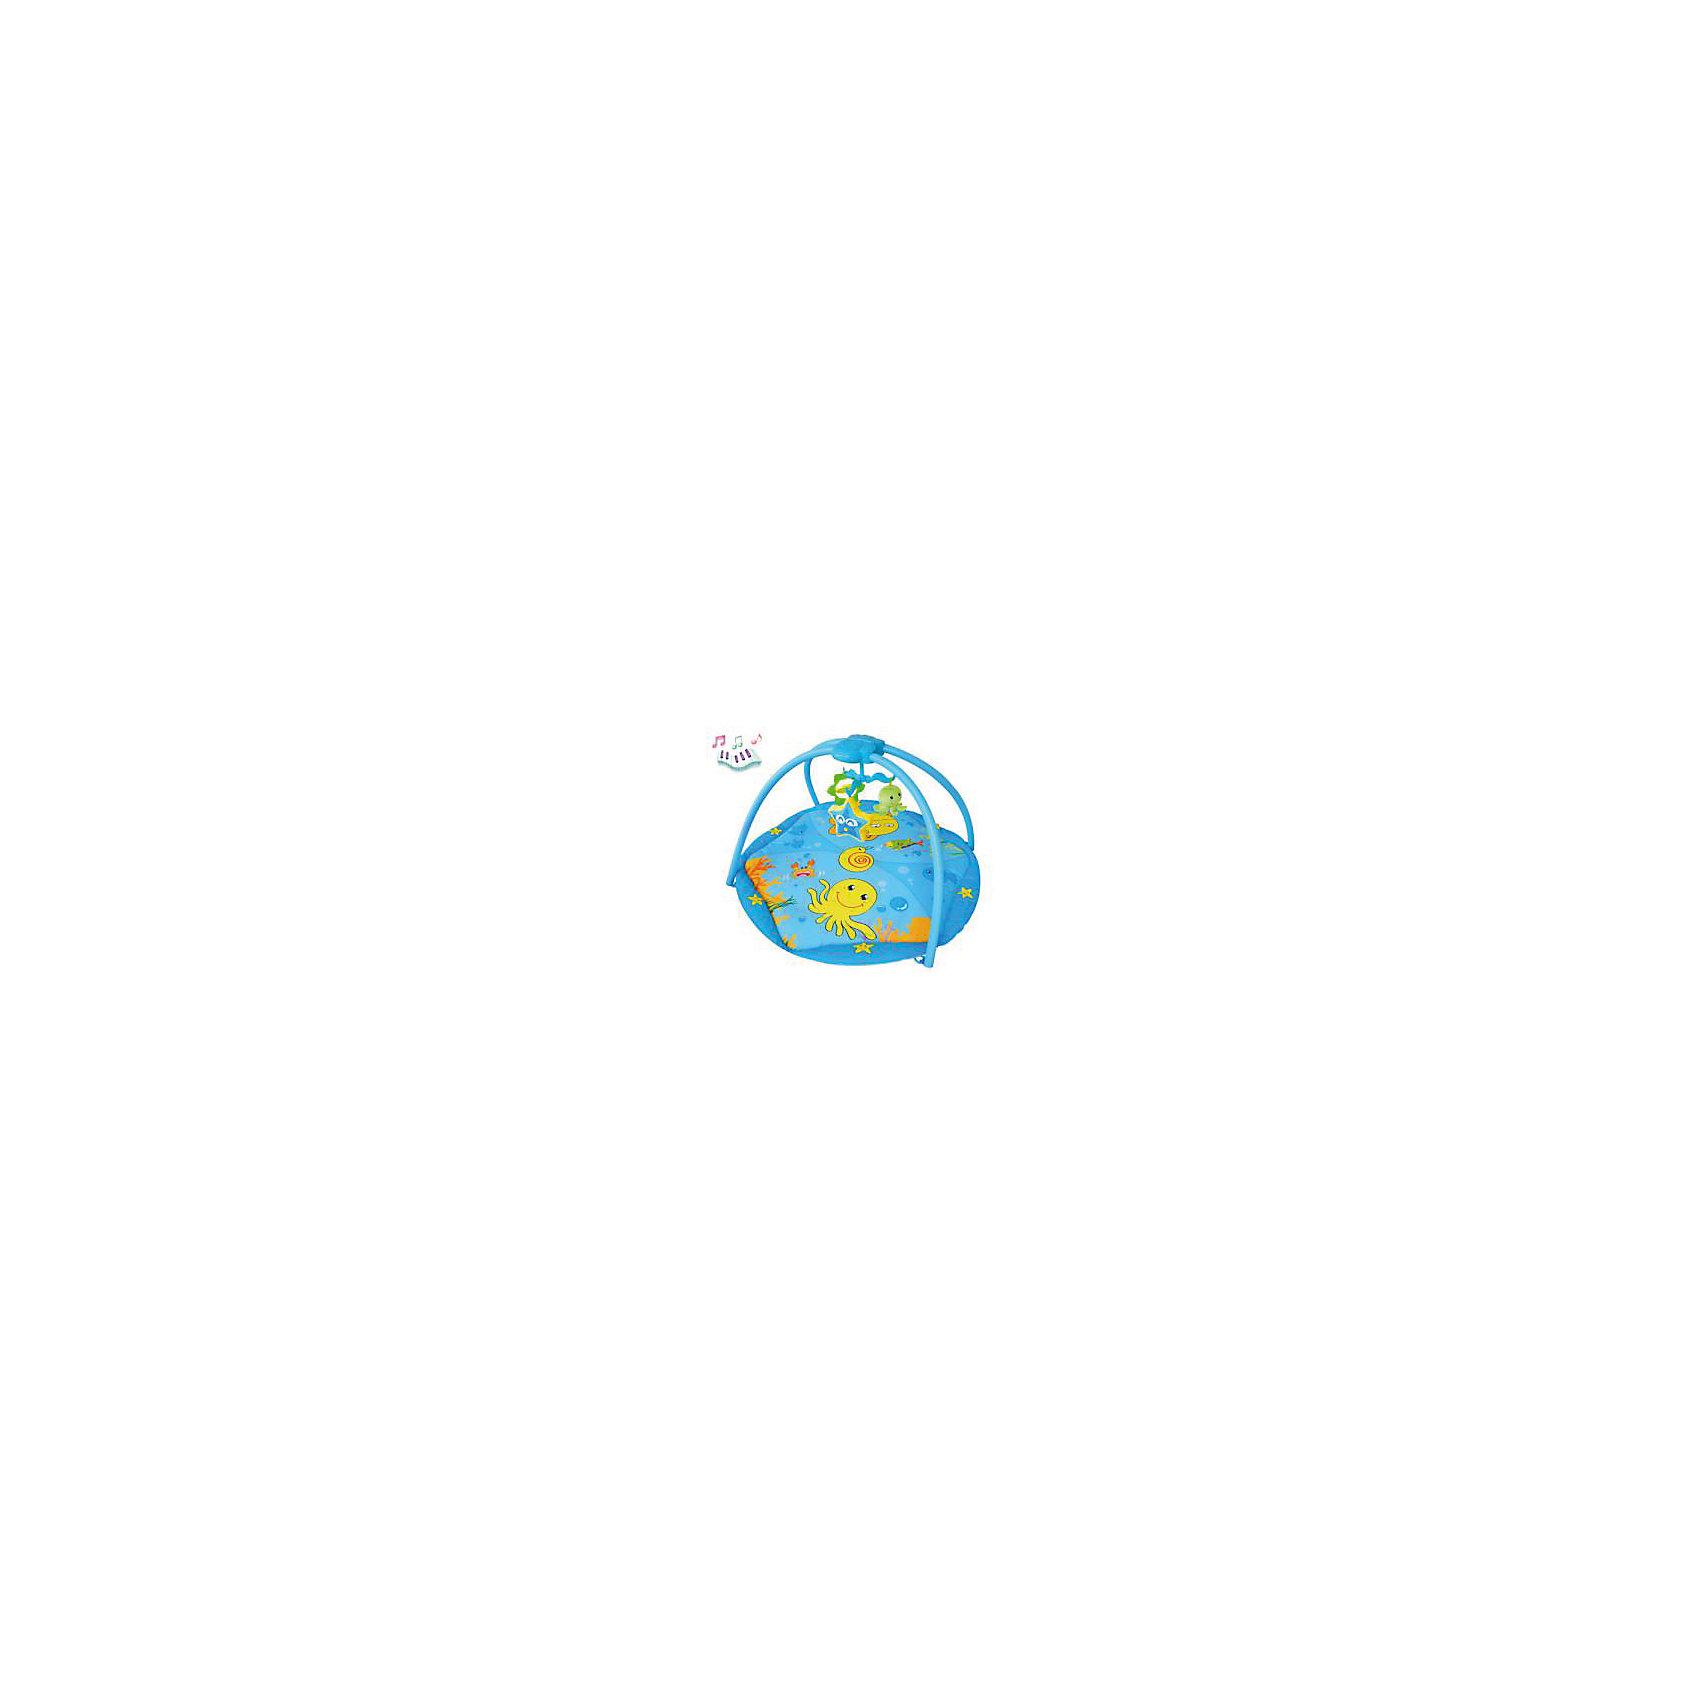 Развивающий коврик Морские животные, LaDiDaЯркий развивающий коврик обязательно привлечет внимание малышей, надолго их заинтересует и поможет развить моторику, хватательный рефлекс и цветовосприятие. Коврик имеет дуги, на которых расположены очаровательные игрушки. Подвески выполнены из материалов различных фактур, благодаря чему ваш кроха сможет развить тактильные ощущения, играя с ними. Коврик оснащен музыкальным блоком с вращающейся каруселью, выполнен из высококачественных материалов, в производстве изделия использованы только качественные безопасные для детей красители. Коврик компактно складывается, удобен в хранении и транспортировке.<br><br>Дополнительная информация:<br><br>- Материал: пластик, текстиль.<br>- Комплектация: коврик с двумя дугами, 5 подвесок (погремушка-звезда, мягкий осьминог, краб с колокольчиком, зеркальце-цветок, прорезыватель-осьминог).<br>- Музыкальный блок, карусель.<br>- Размер: 81х50х82 см<br>- Легко стирается. <br>- Элемент питания: 3 АА батарейки.<br><br>Развивающий коврик Морские животные, LaDiDa, можно купить в нашем магазине.<br><br>Ширина мм: 600<br>Глубина мм: 430<br>Высота мм: 100<br>Вес г: 800<br>Возраст от месяцев: 0<br>Возраст до месяцев: 36<br>Пол: Унисекс<br>Возраст: Детский<br>SKU: 4443759